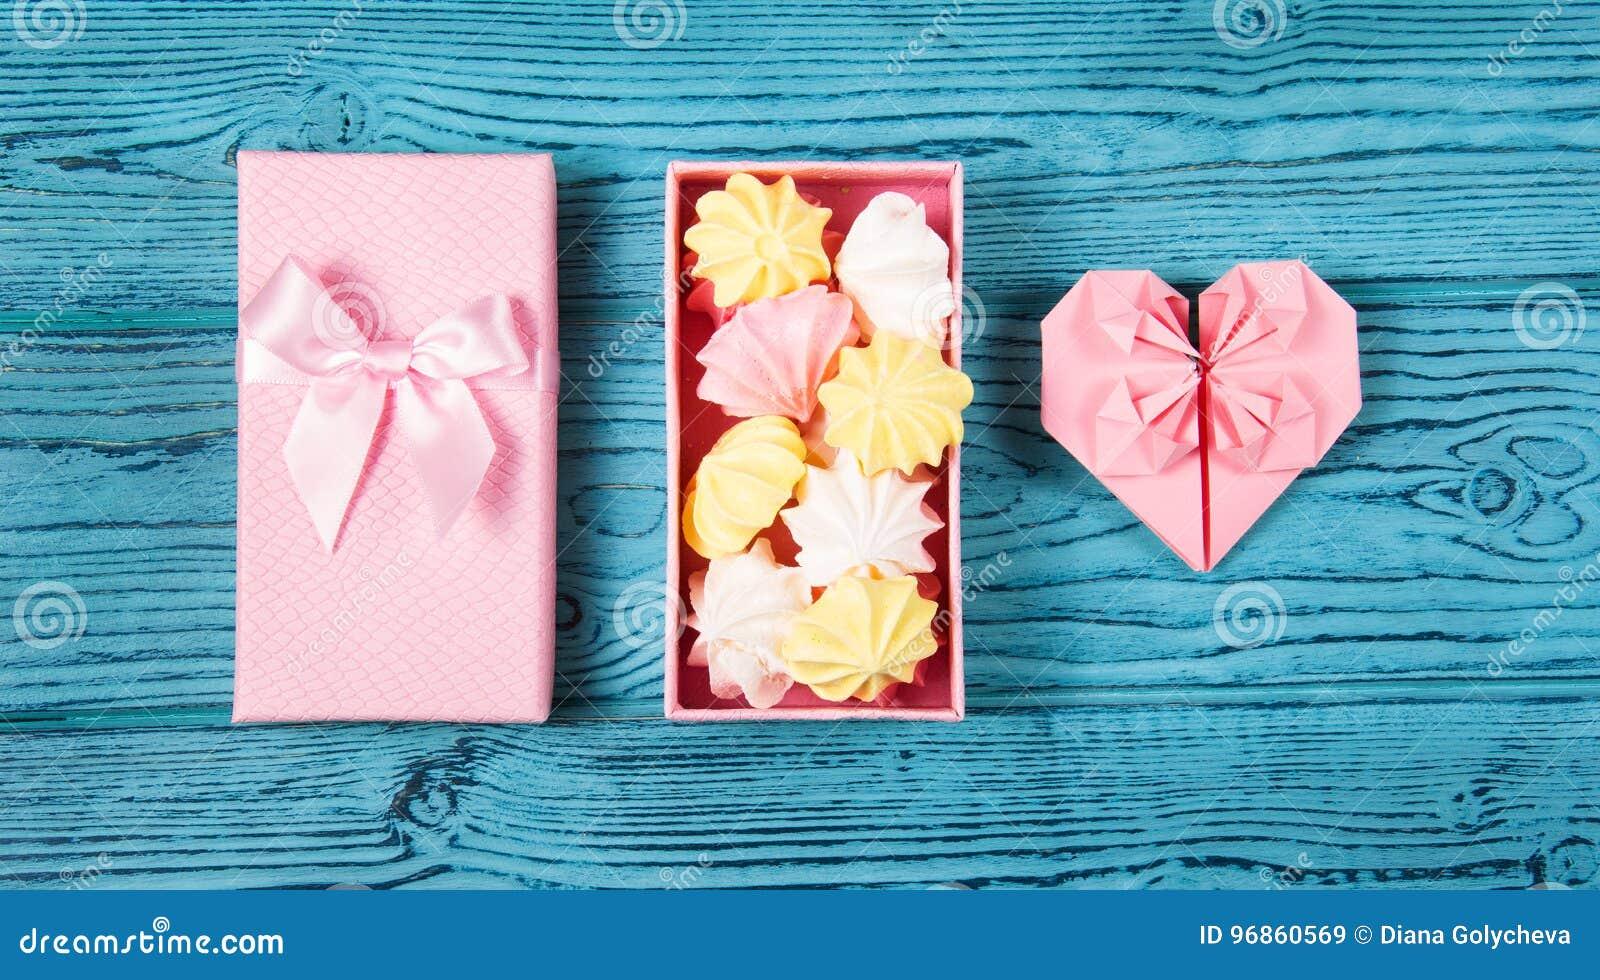 coeur d'origami et une boîte de guimauves merengue d'air et coeur de